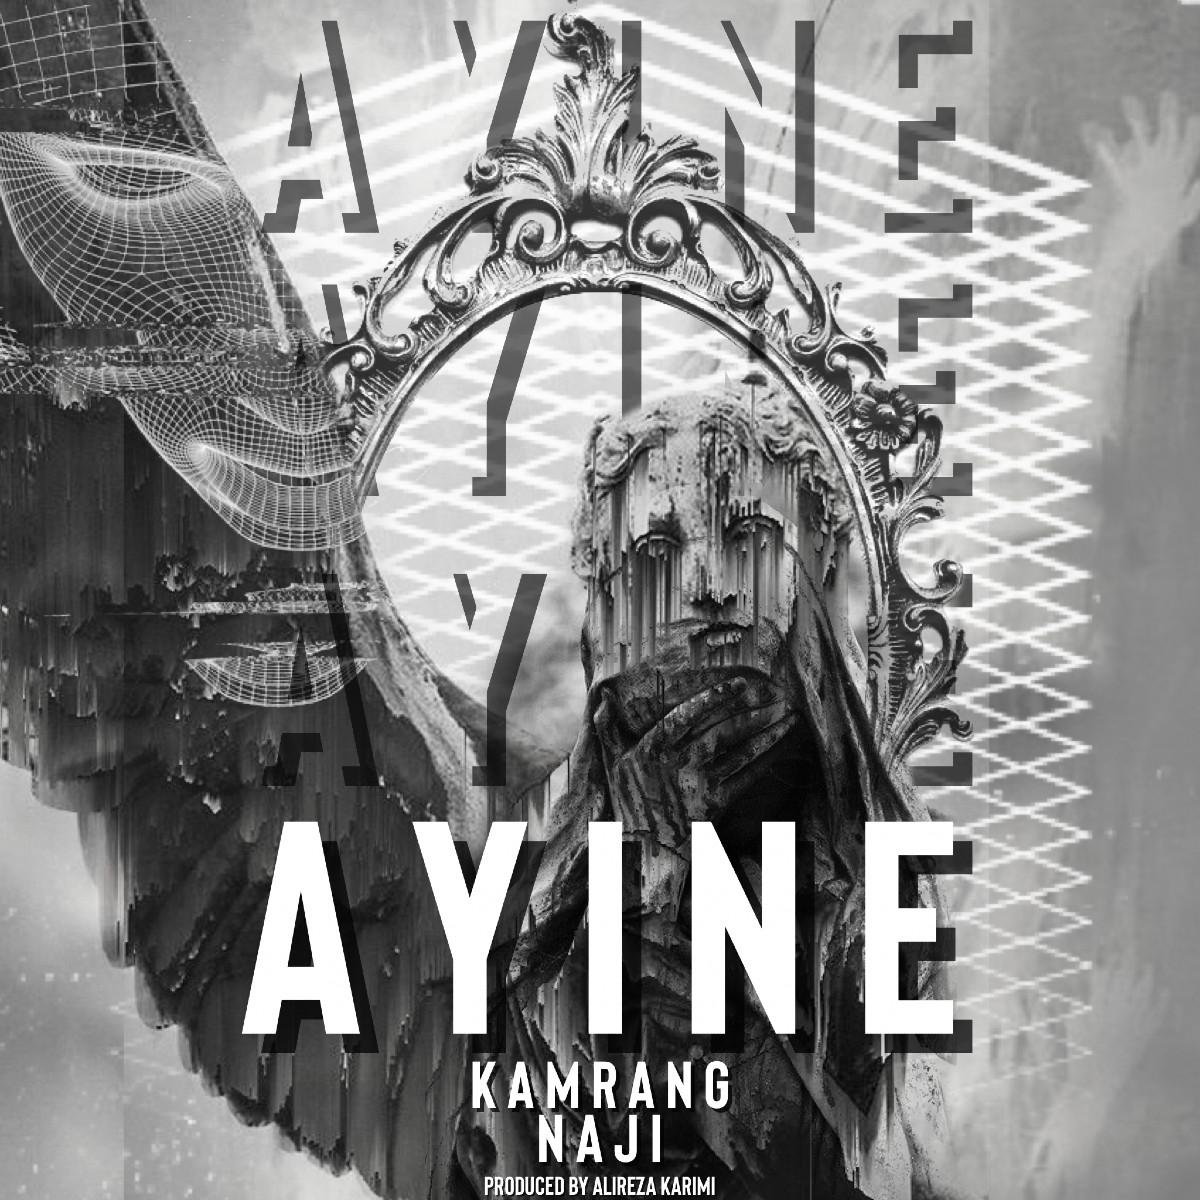 Mohamadreza Naji Ft Kamrang - Ayine